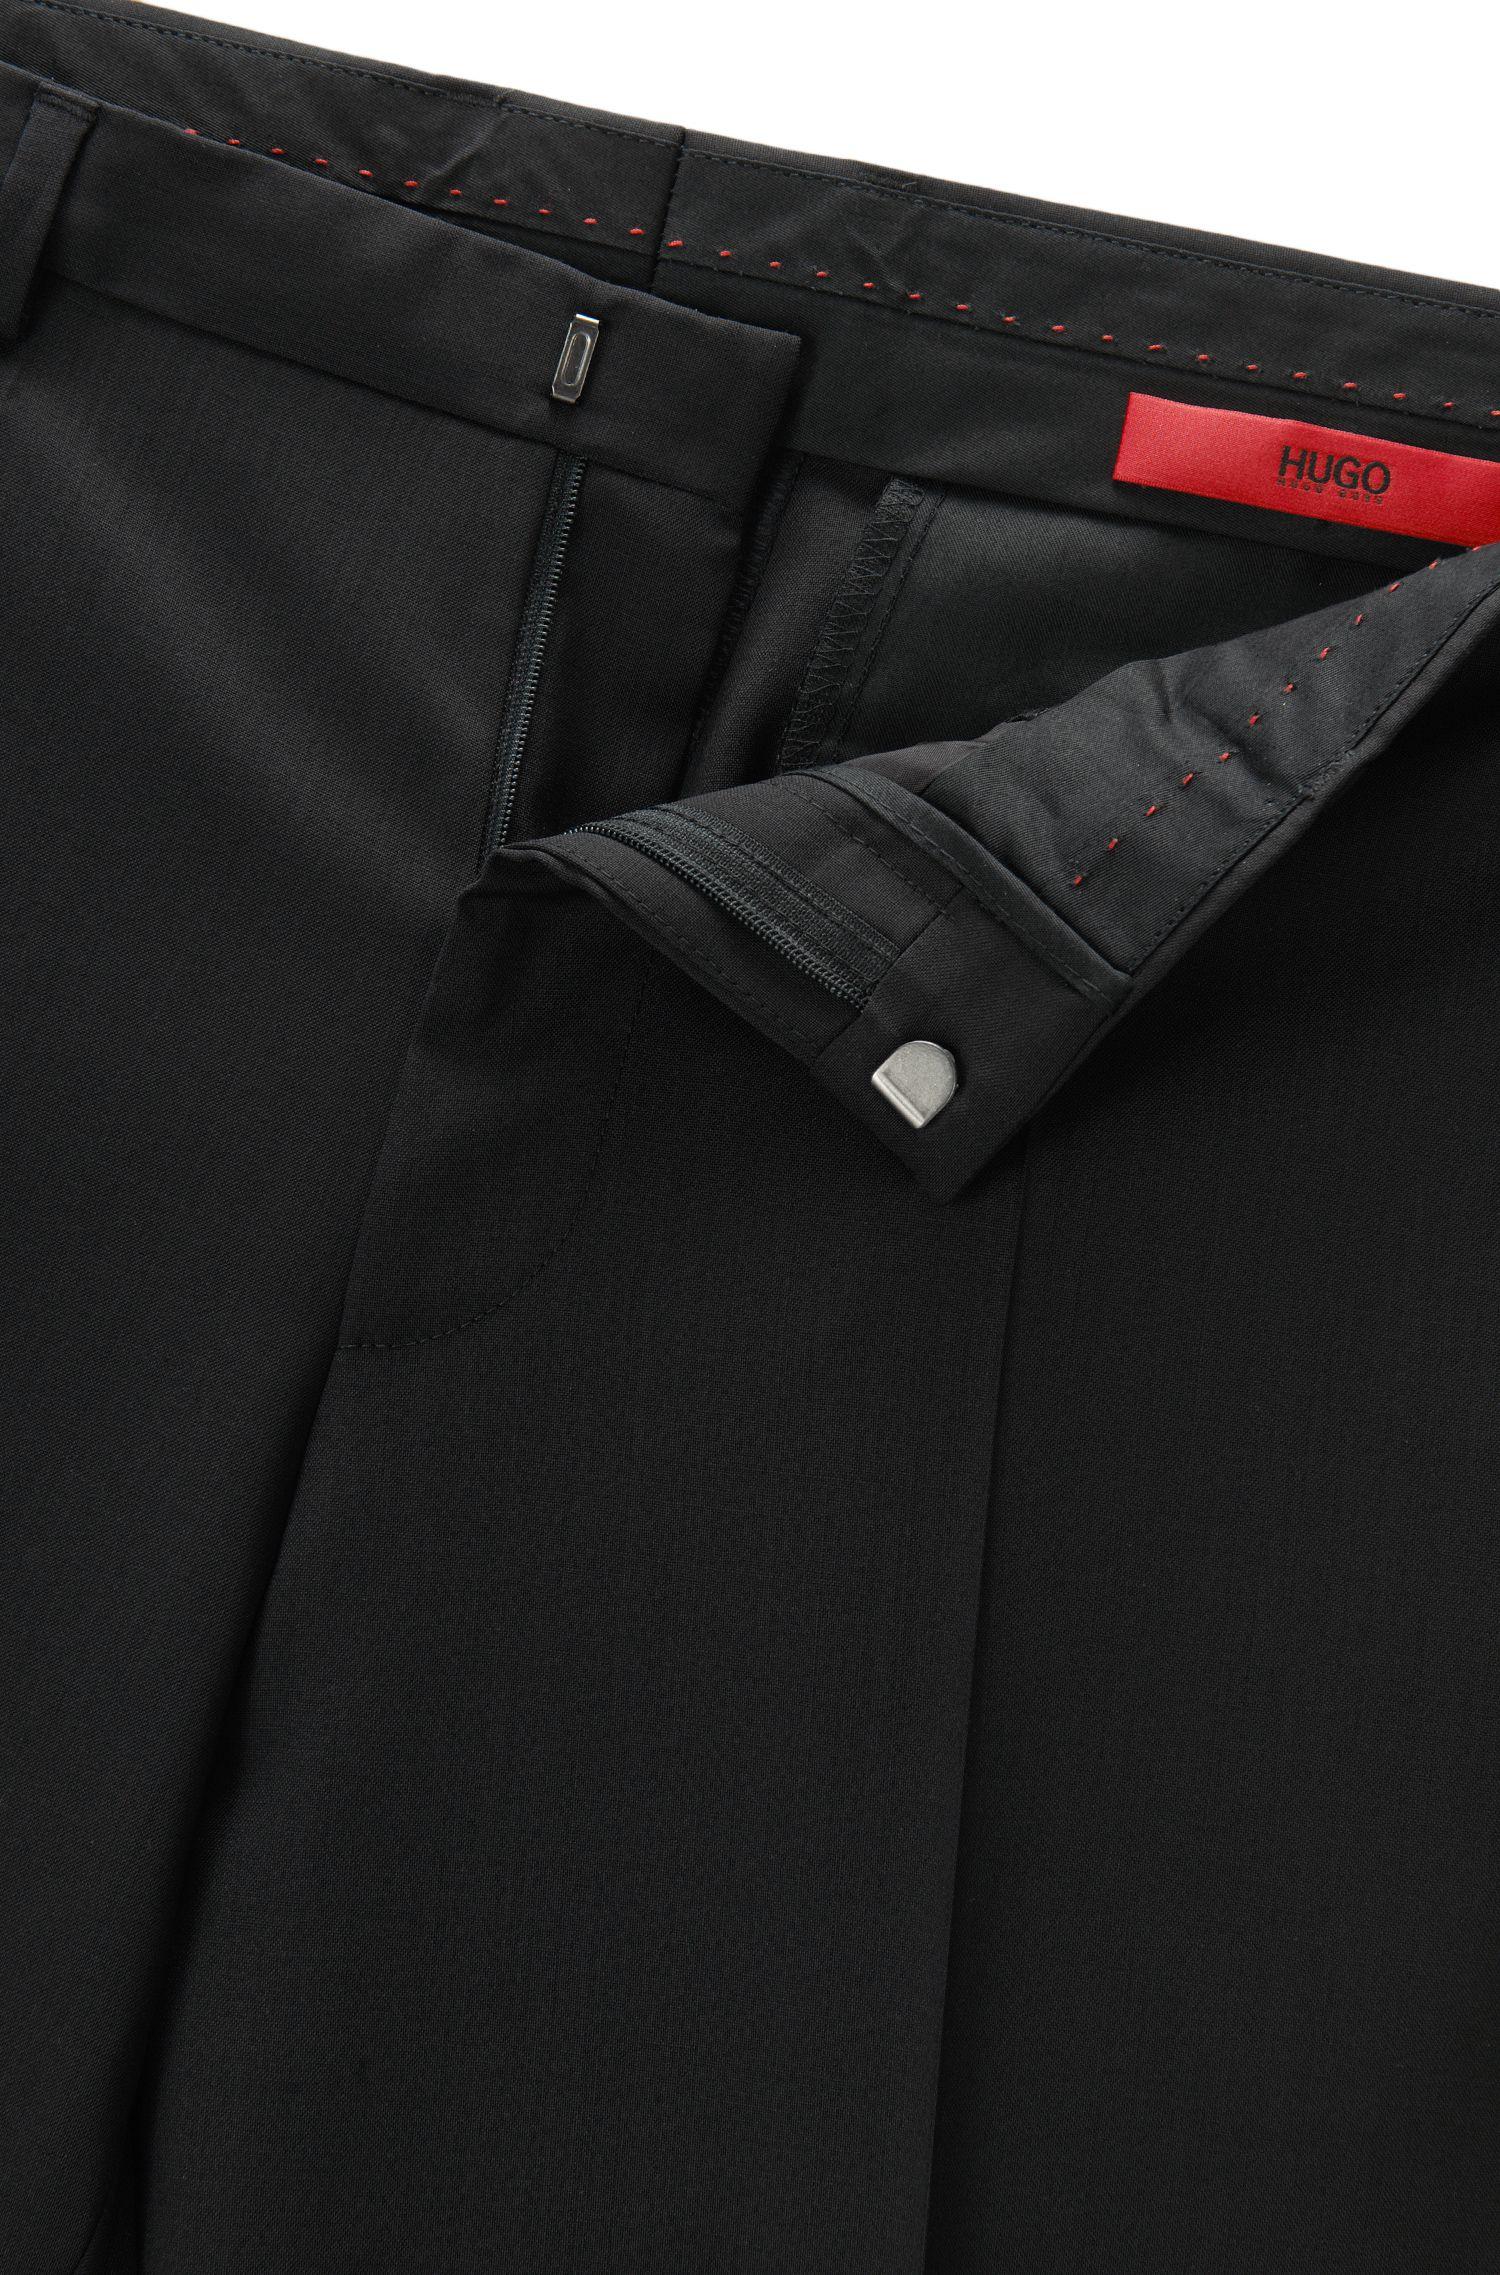 Pantalon HUGO Homme Extra Slim Fit en laine vierge, Noir